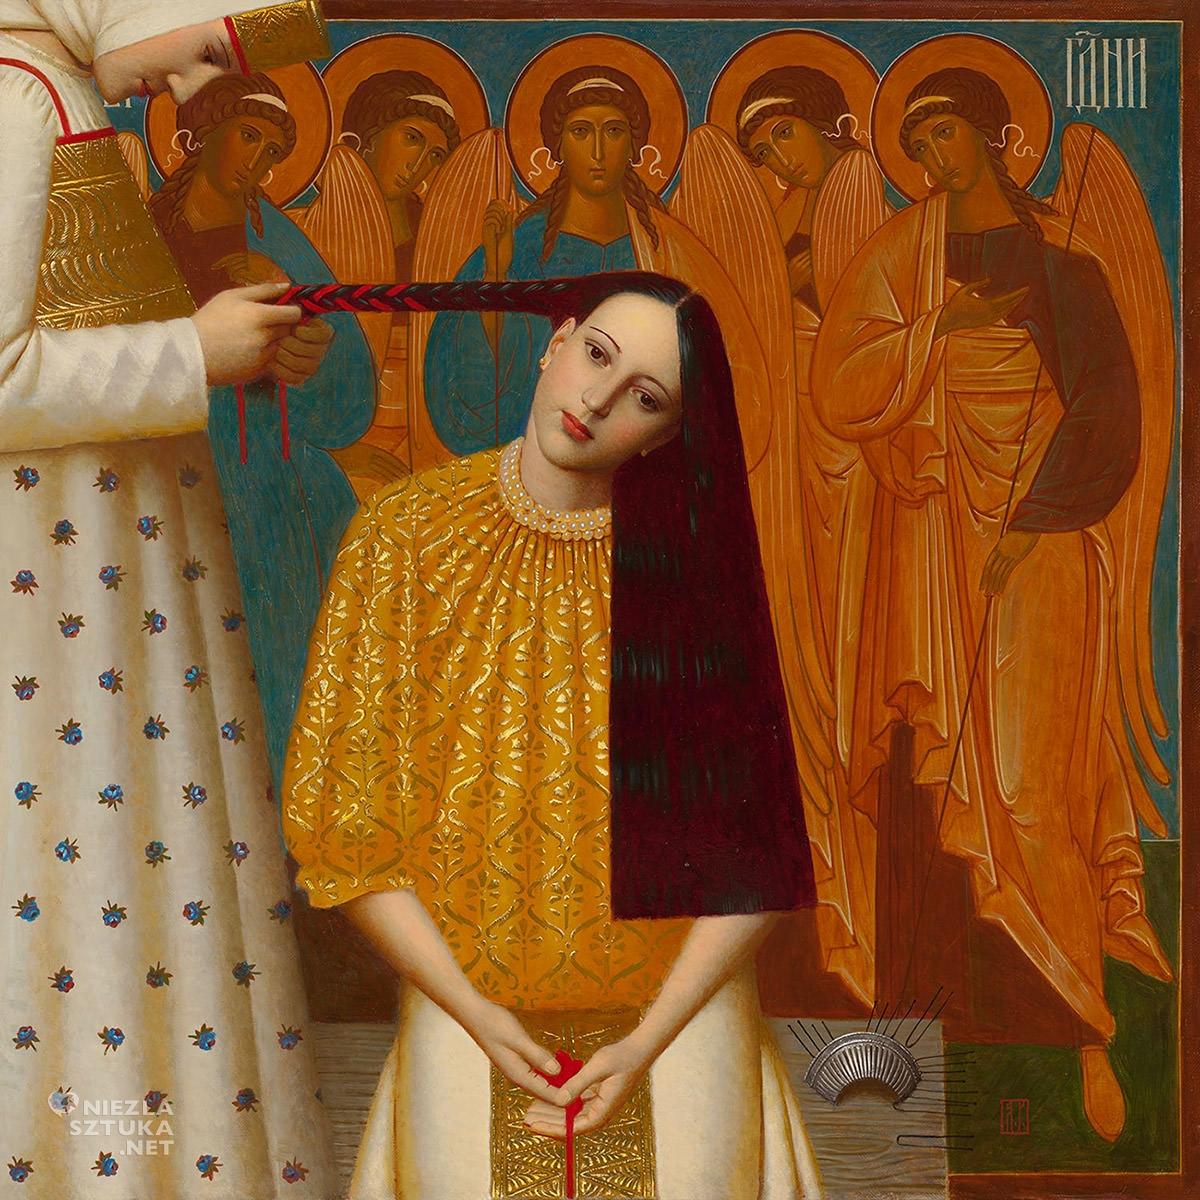 Andrey Remnev, sztuka rosyjska, sztuka współczesna, Niezła Sztuka